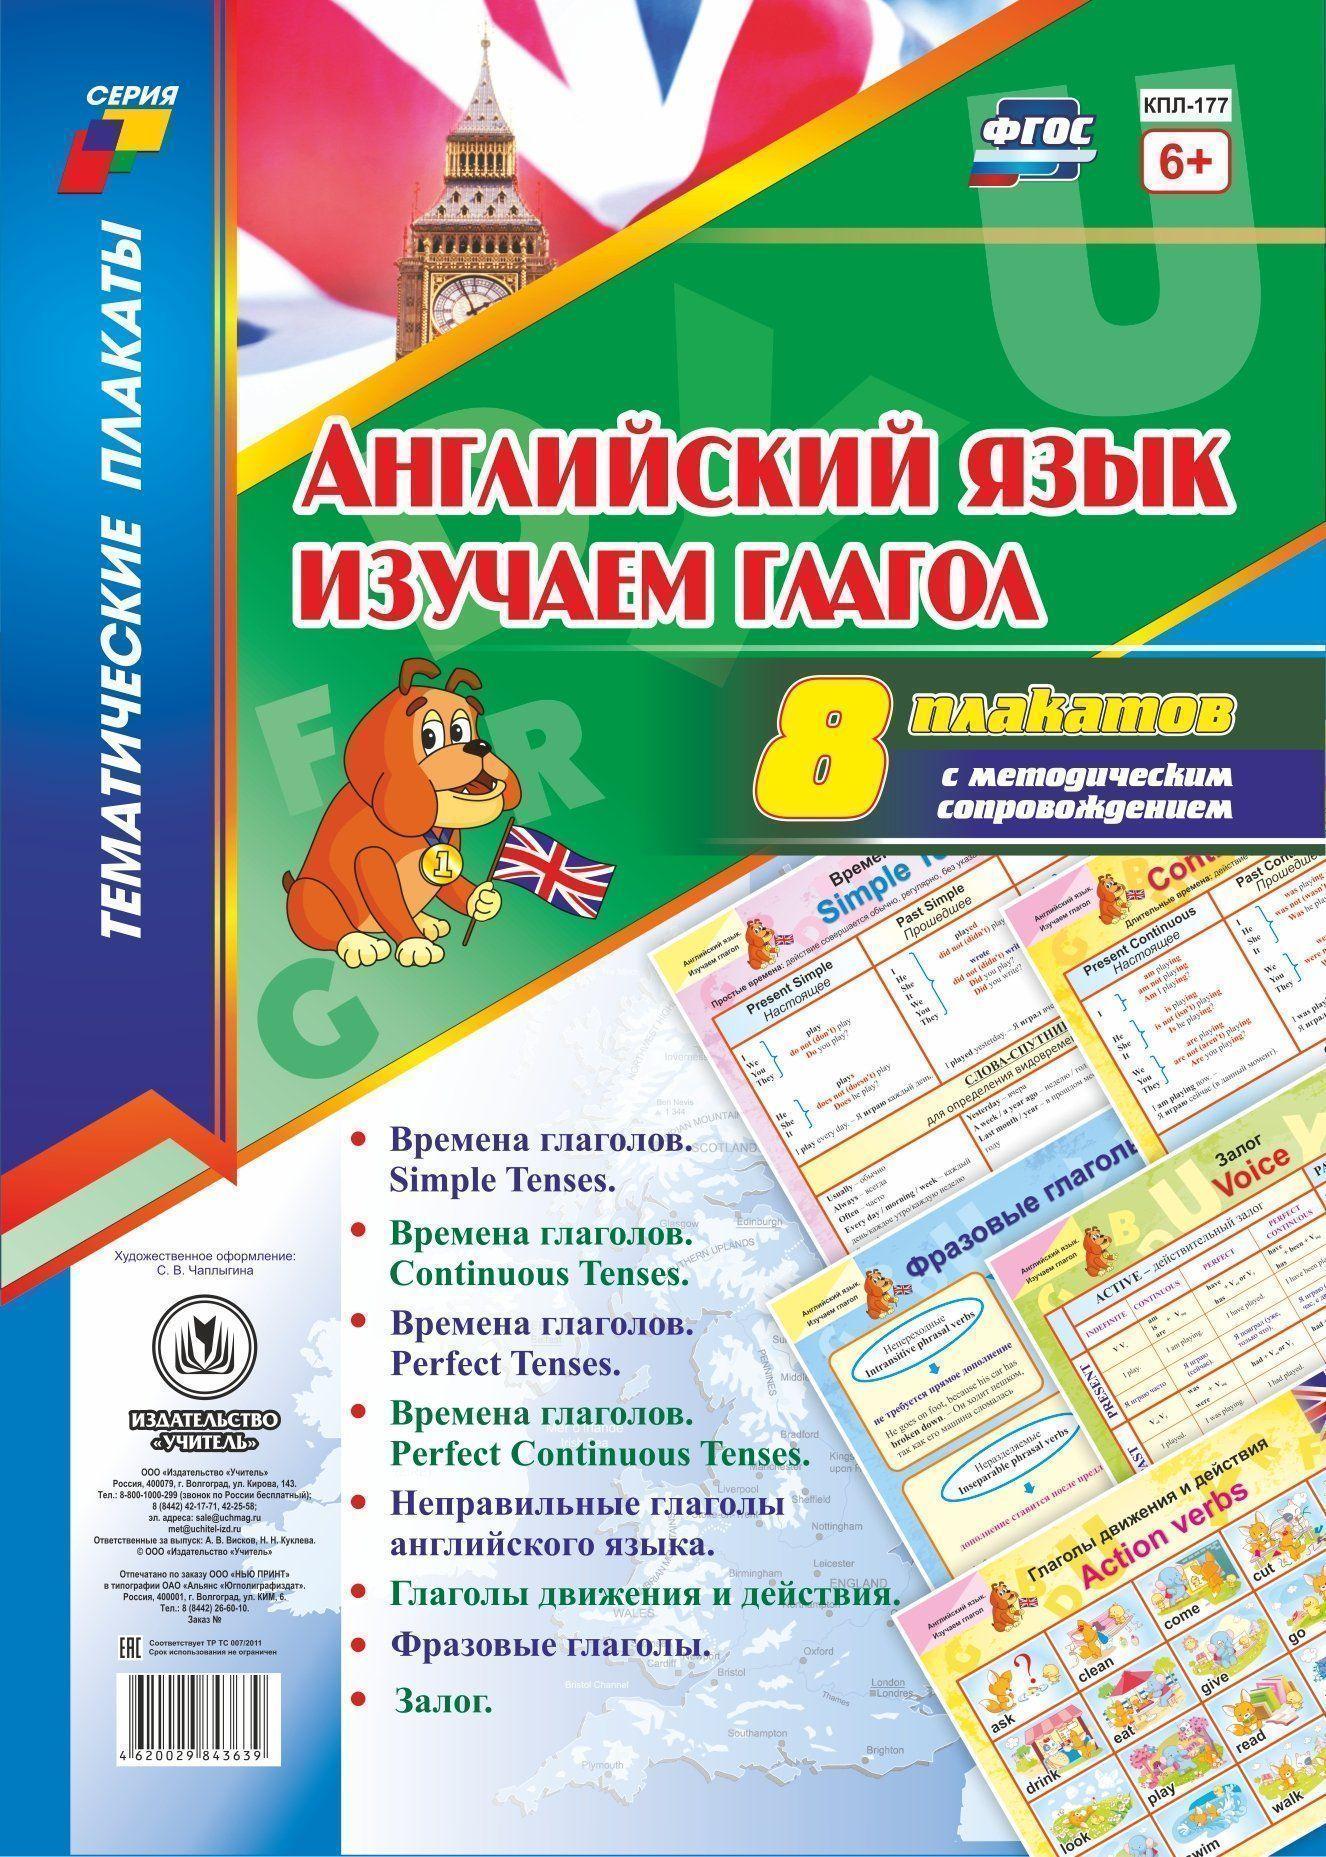 """Купить со скидкой Комплект плакатов """" Английский язык. Изучаем глагол"""": 8 плакатов (Формат А3) с методическим сопровож"""